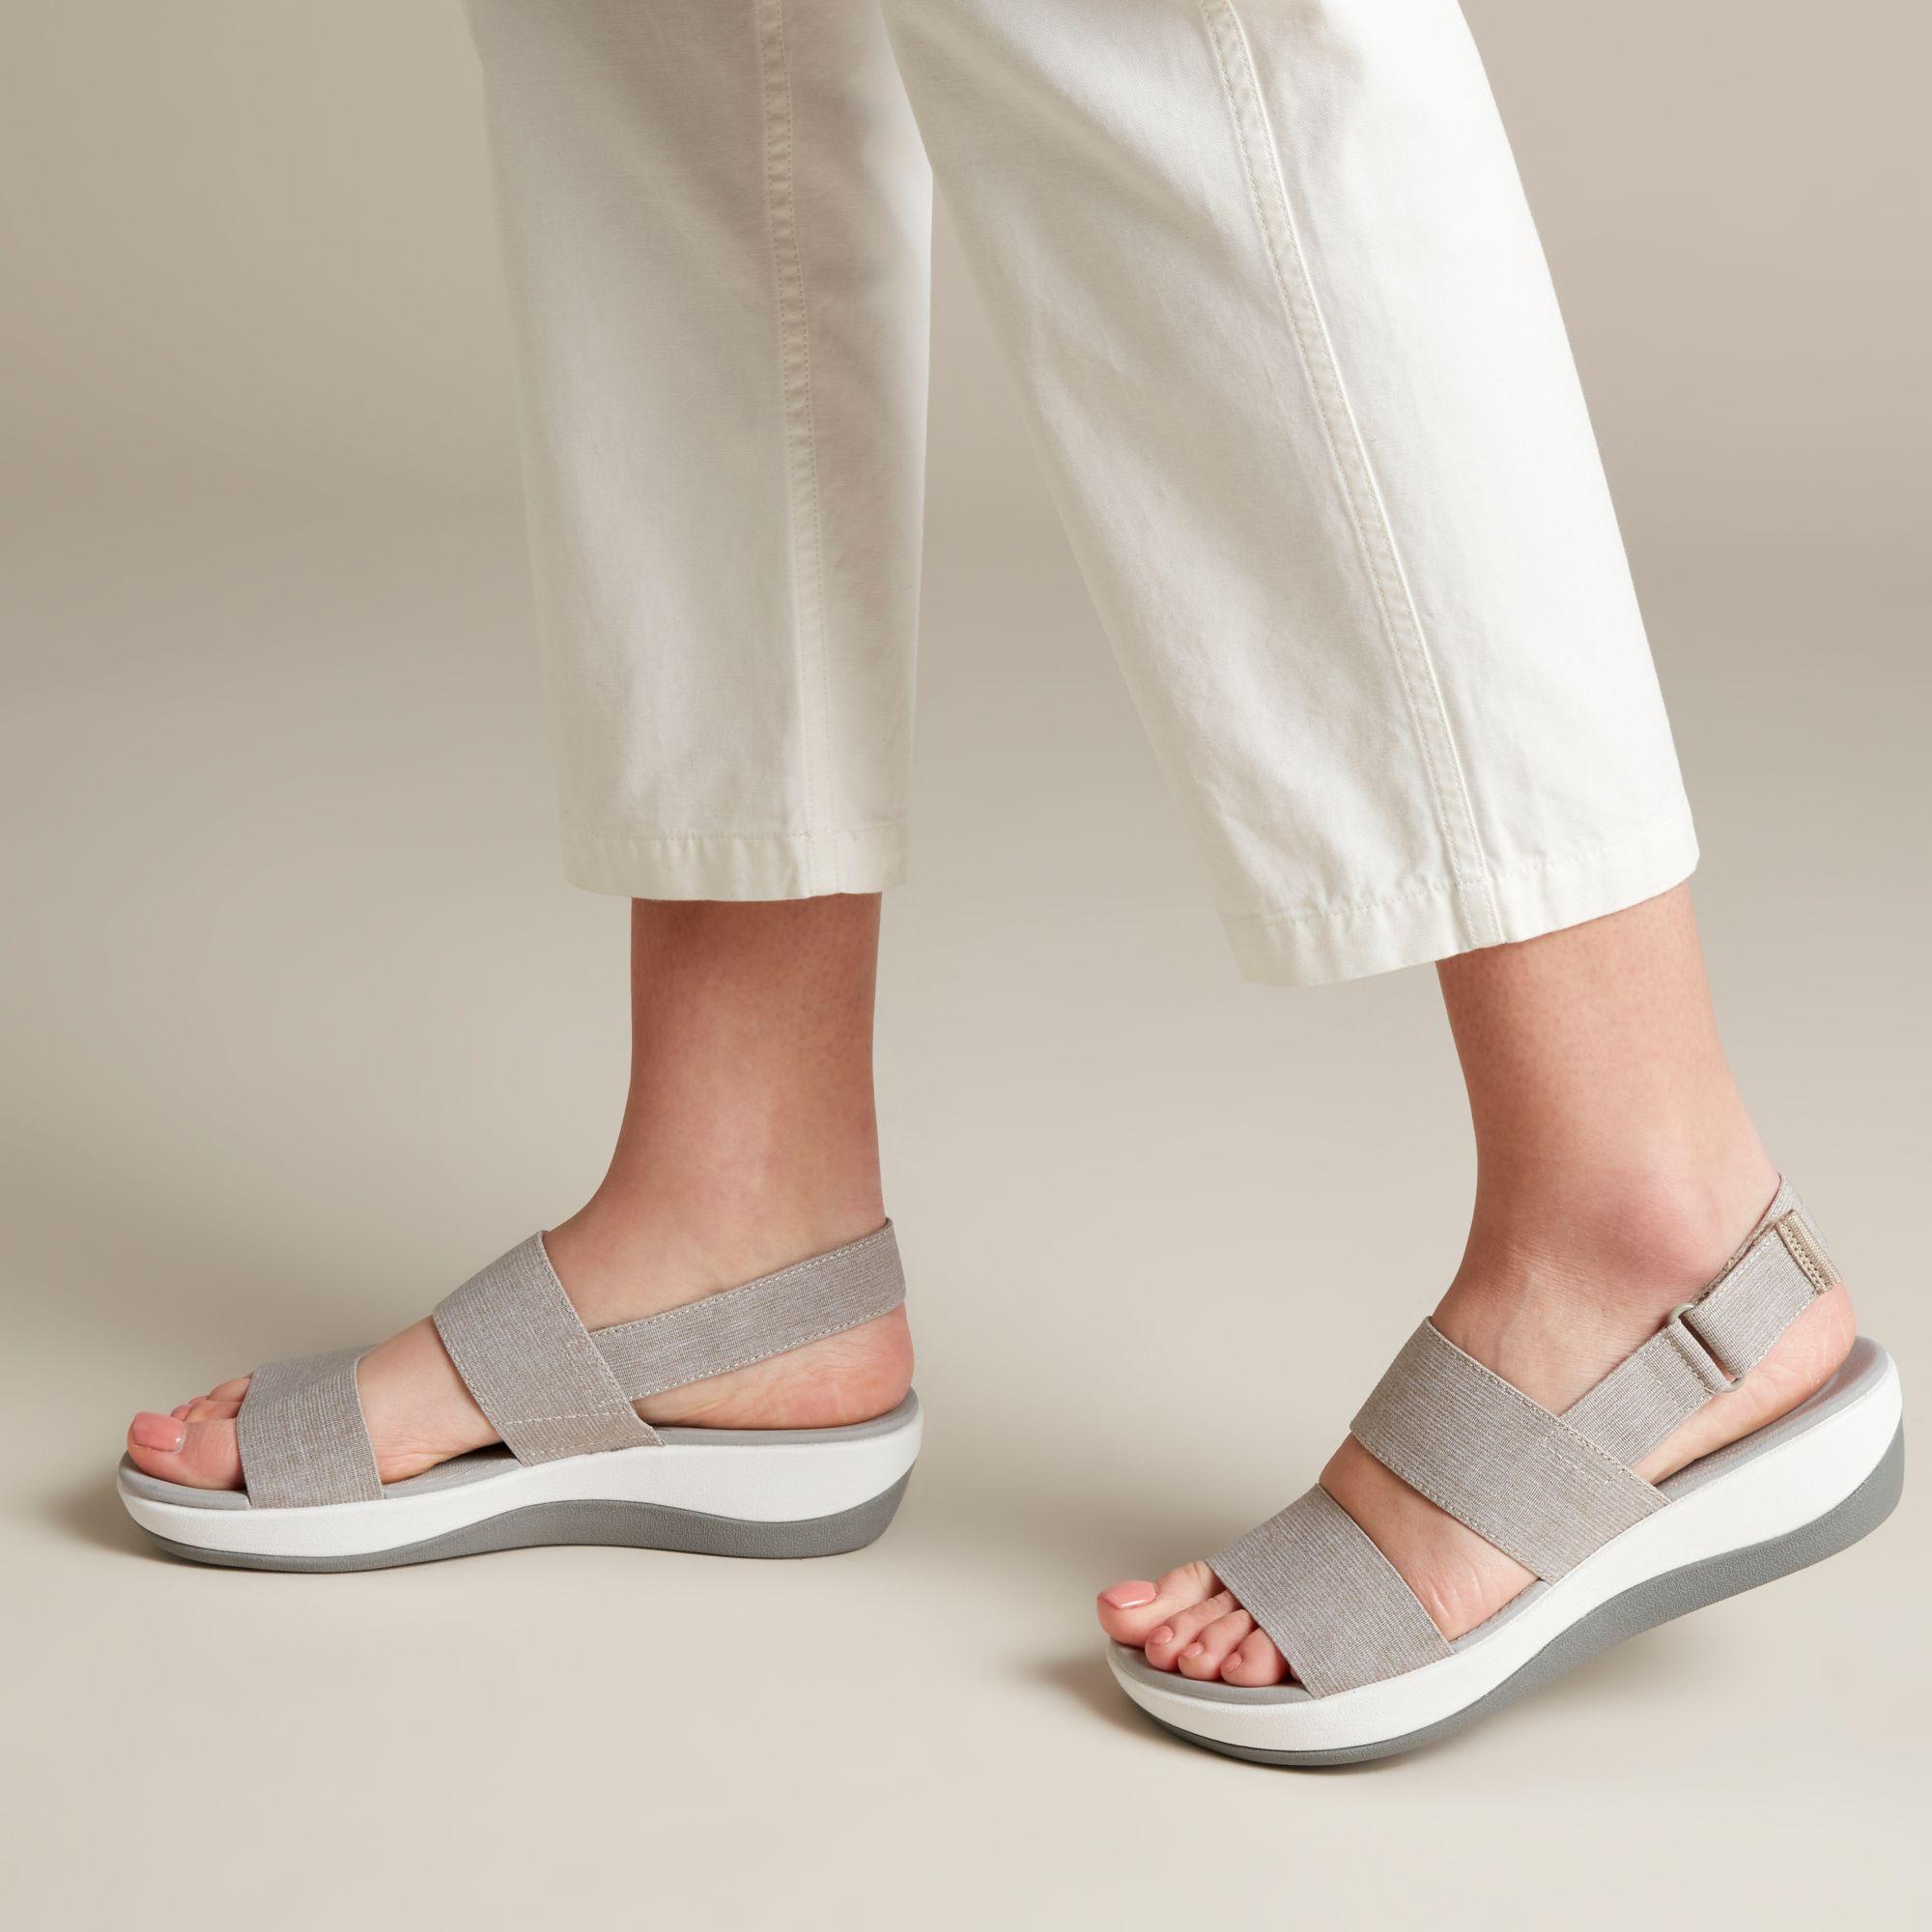 Дамски сандали от текстил с дебела подметка Clarks Arla Jacory Sand пясъчни - снимка 8